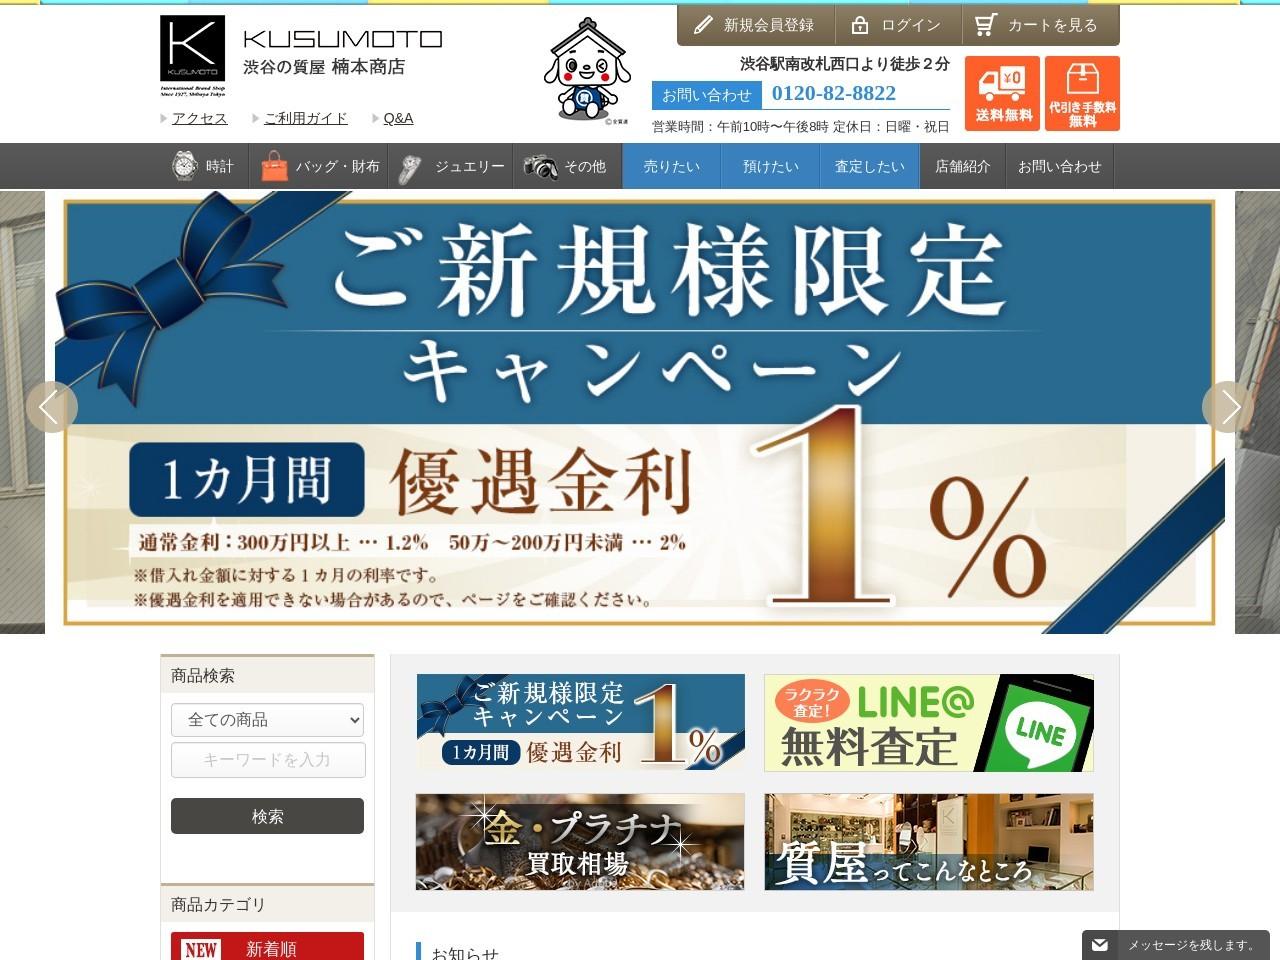 渋谷駅南改札西口から徒歩2分 | 質屋の楠本商店